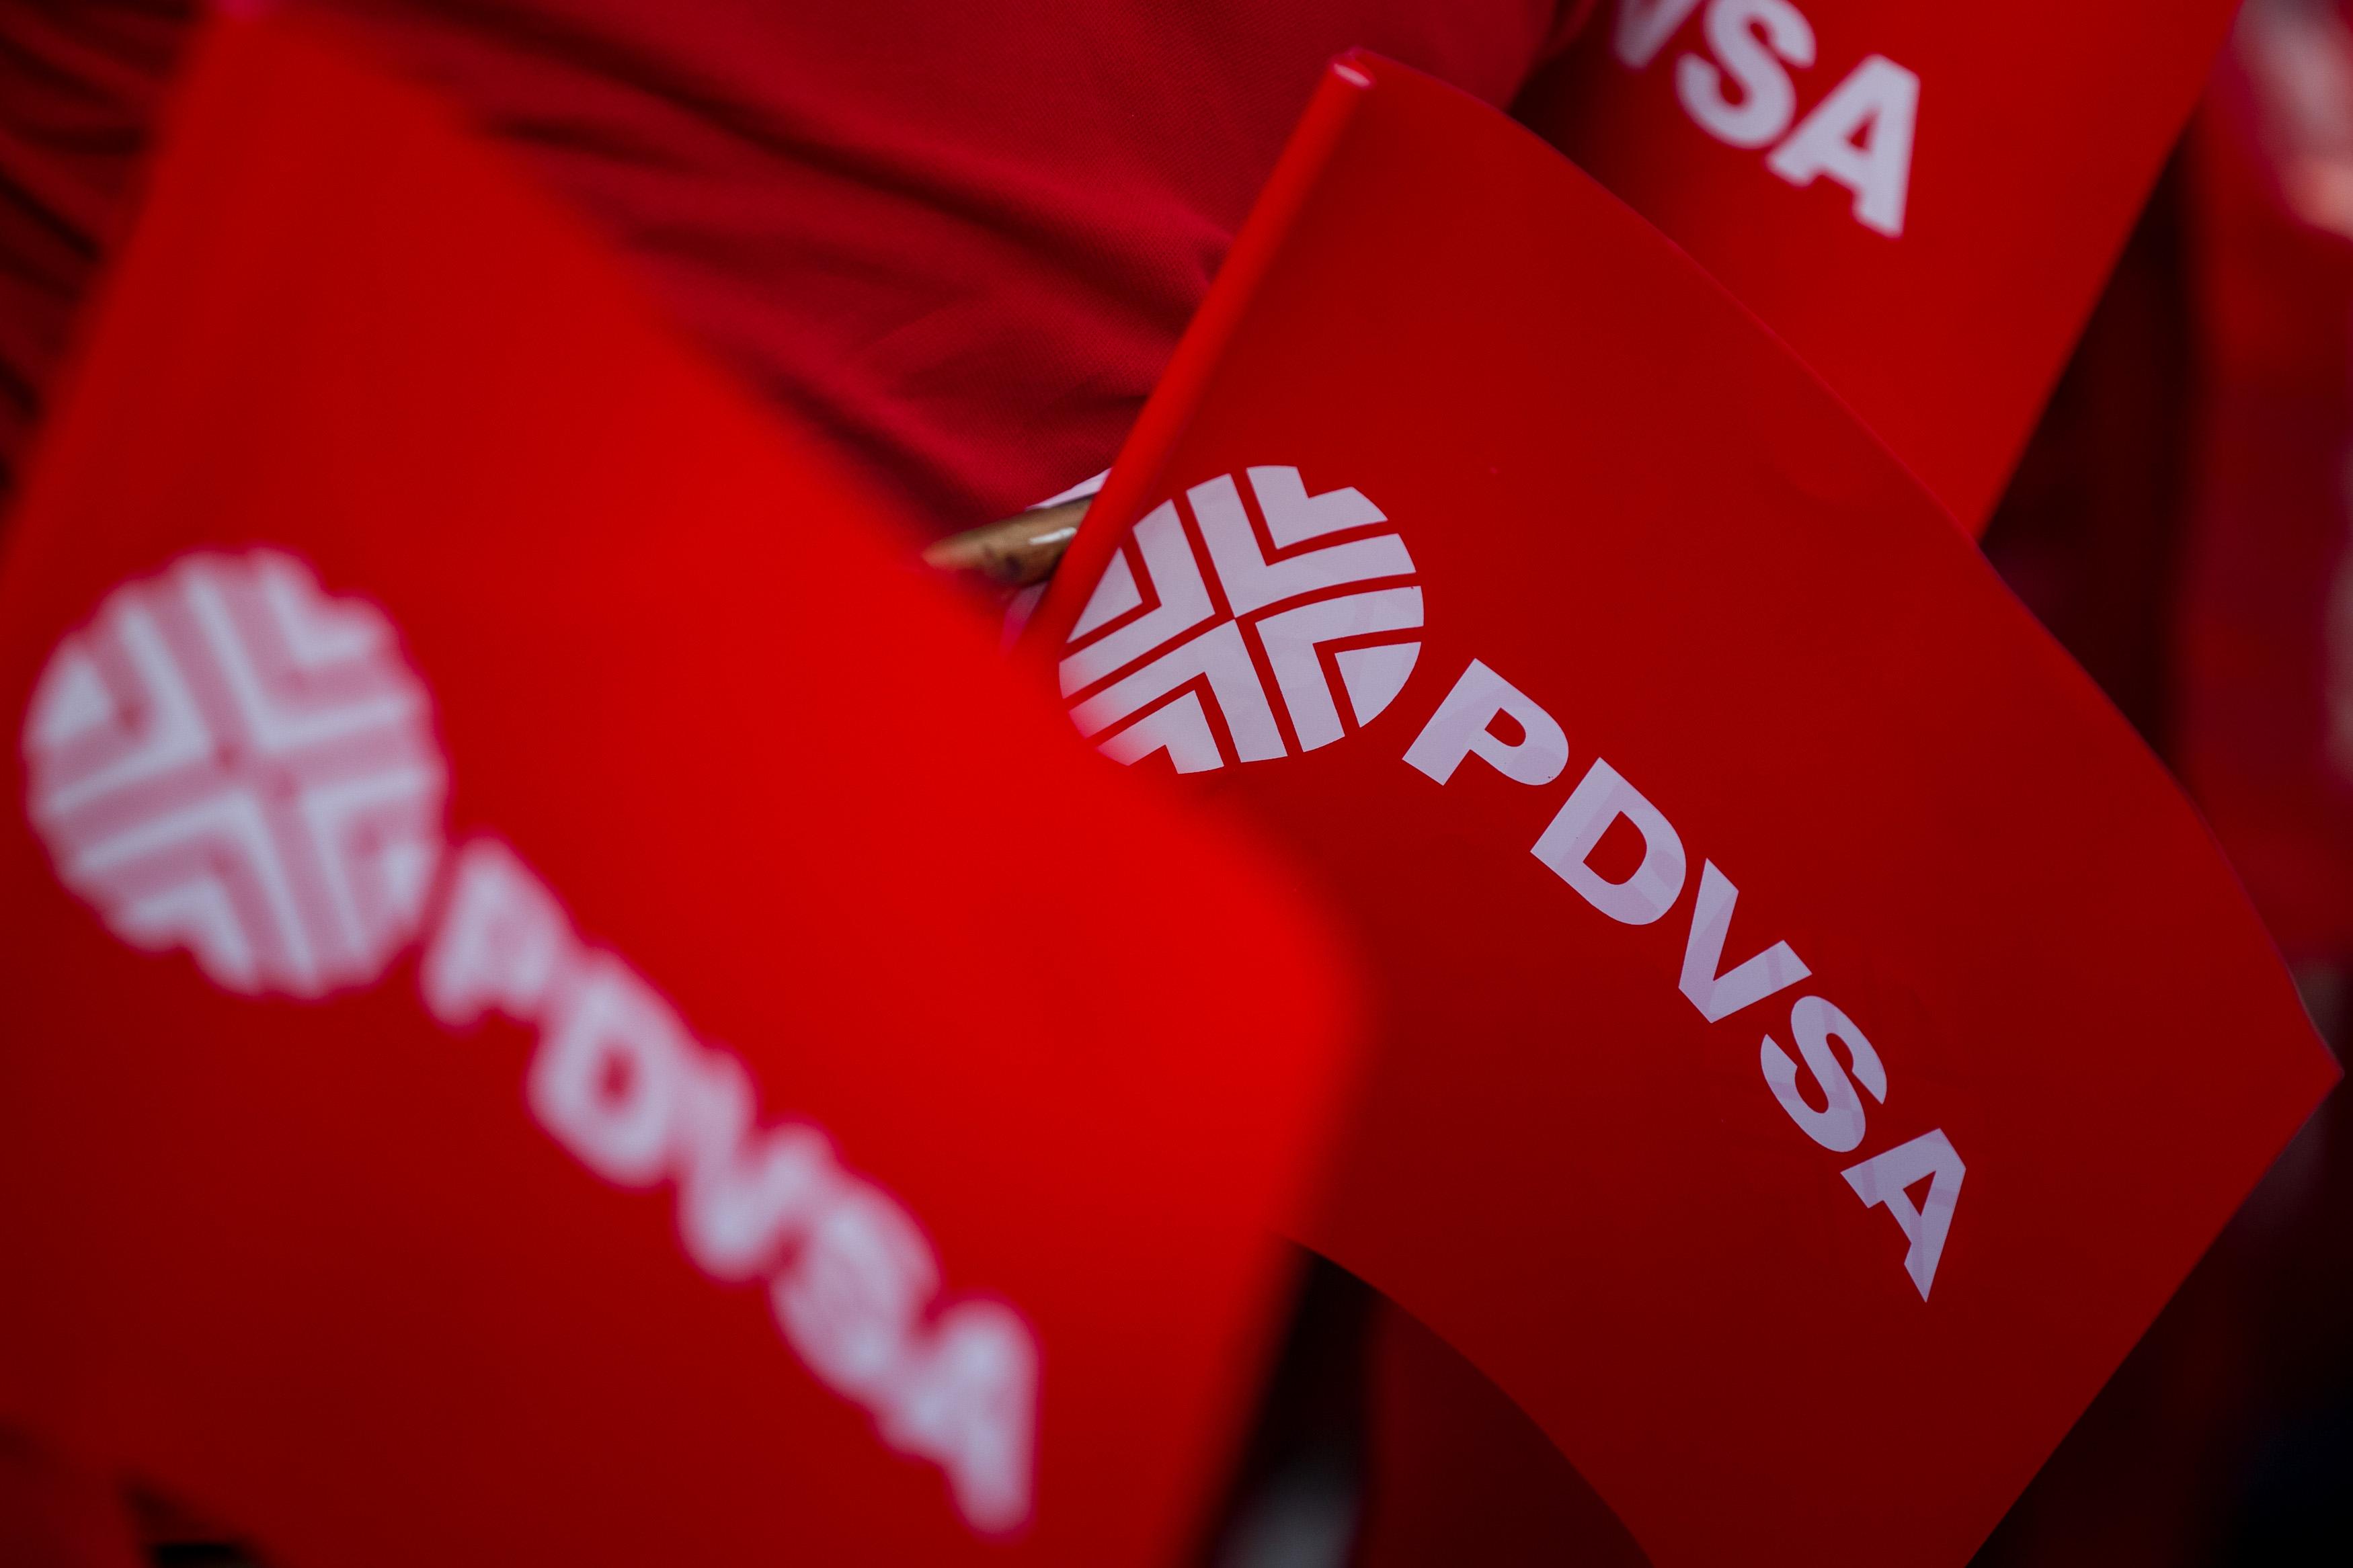 """CAR002. CARACAS (VENEZUELA), 31/01/2017 - Vista de algunas banderas de la Estatal de Petróleos de Venezuela (PDVSA) durante un acto de Gobierno hoy, martes 31 de enero de 2017, en Caracas (Venezuela). El presidente de Venezuela, Nicolás Maduro, juramentó hoy una nueva junta directiva de la estatal Petróleos de Venezuela (PDVSA) para """"curar las heridas económicas"""" del país y, así, la empresa pueda ser """"una gran palanca"""" de desarrollo y crecimiento de la nación. EFE/MIGUEL GUTIÉRREZ"""